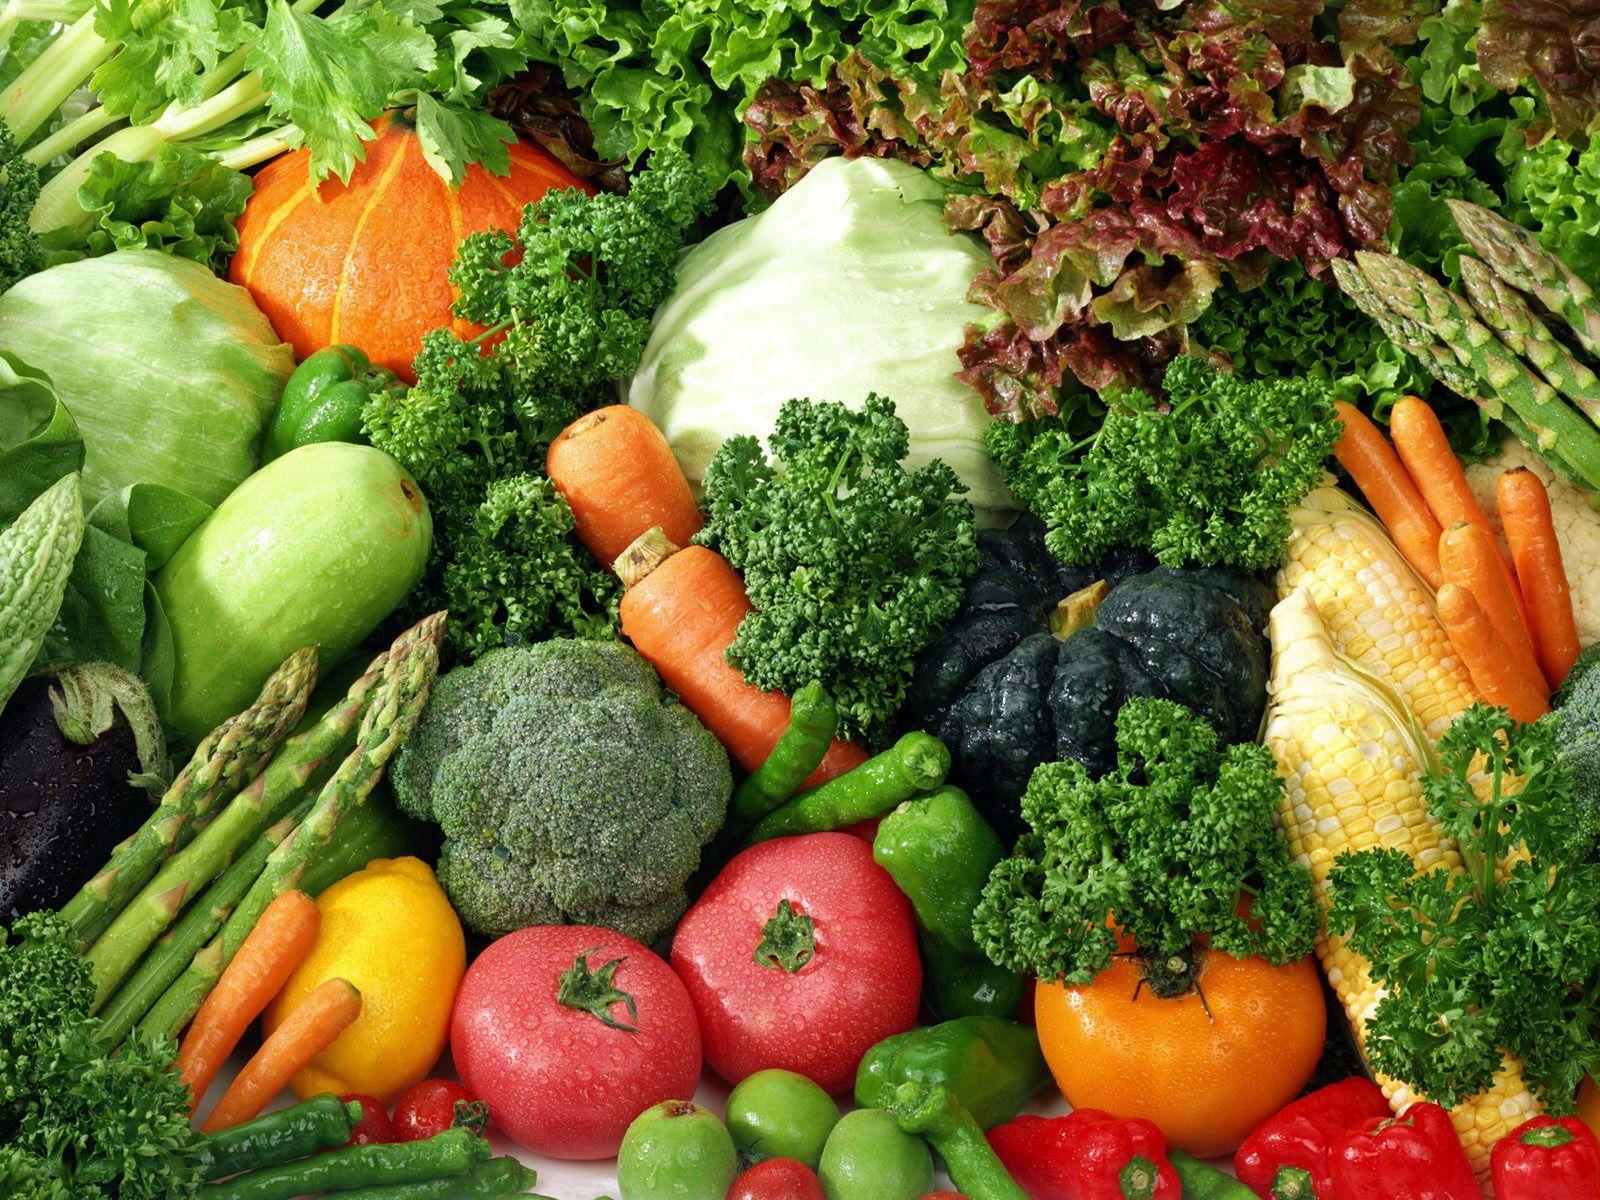 k-vitaminli-yiyecekler